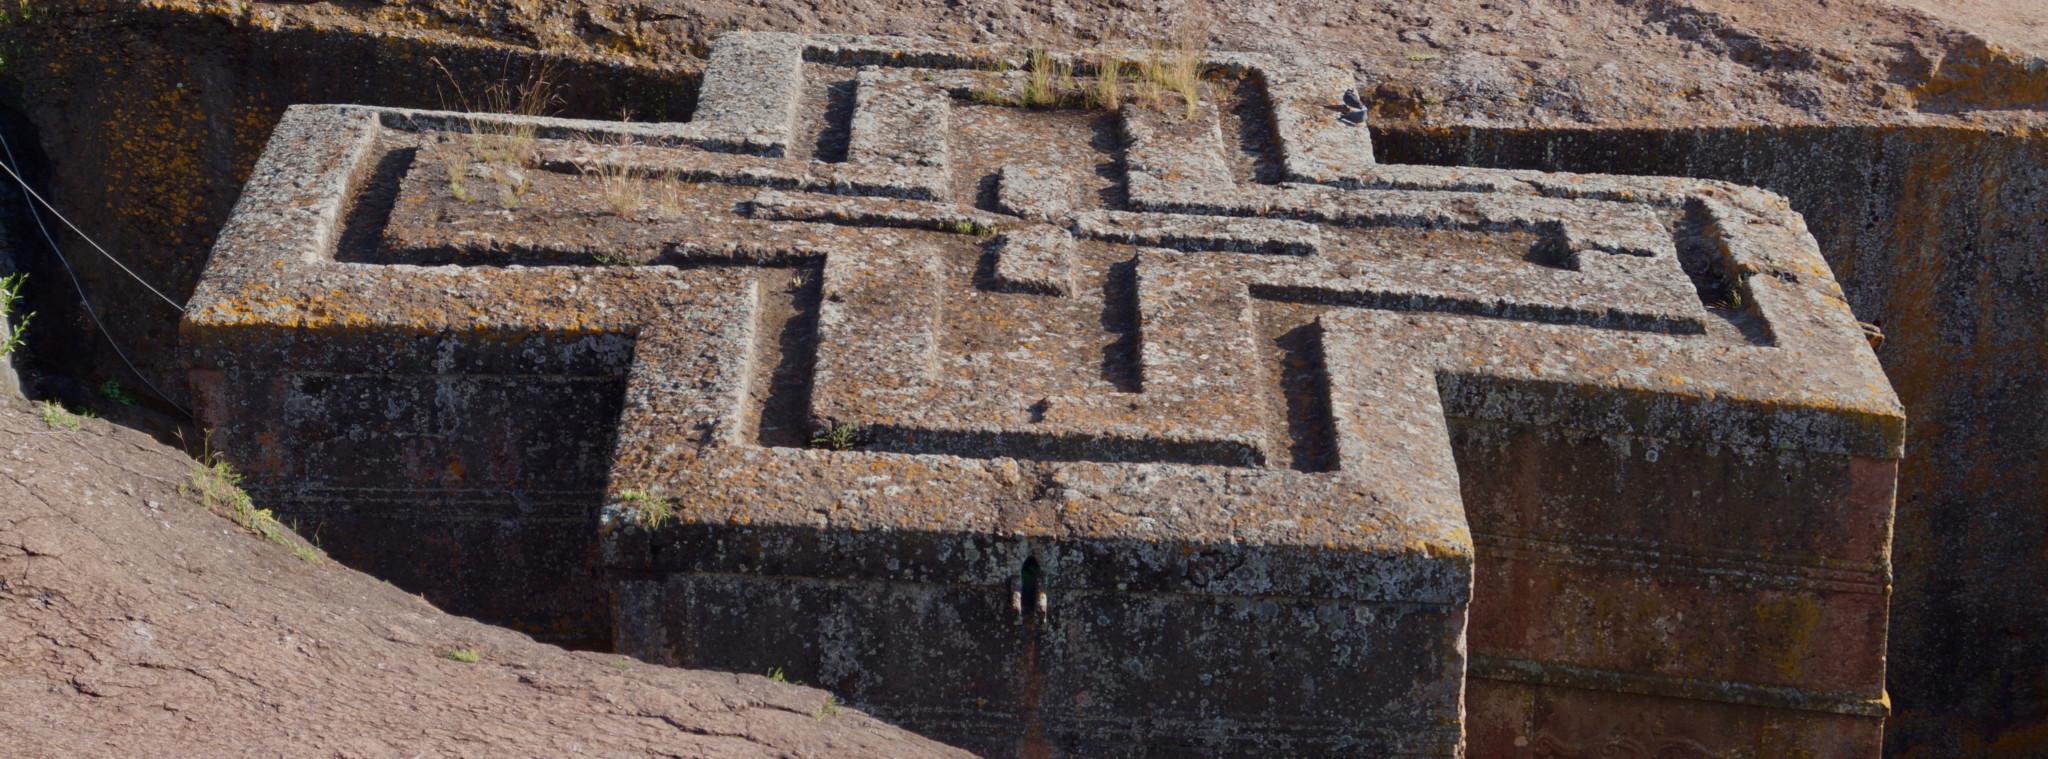 Äthiopien Sehenswürdigkeiten Lalibela